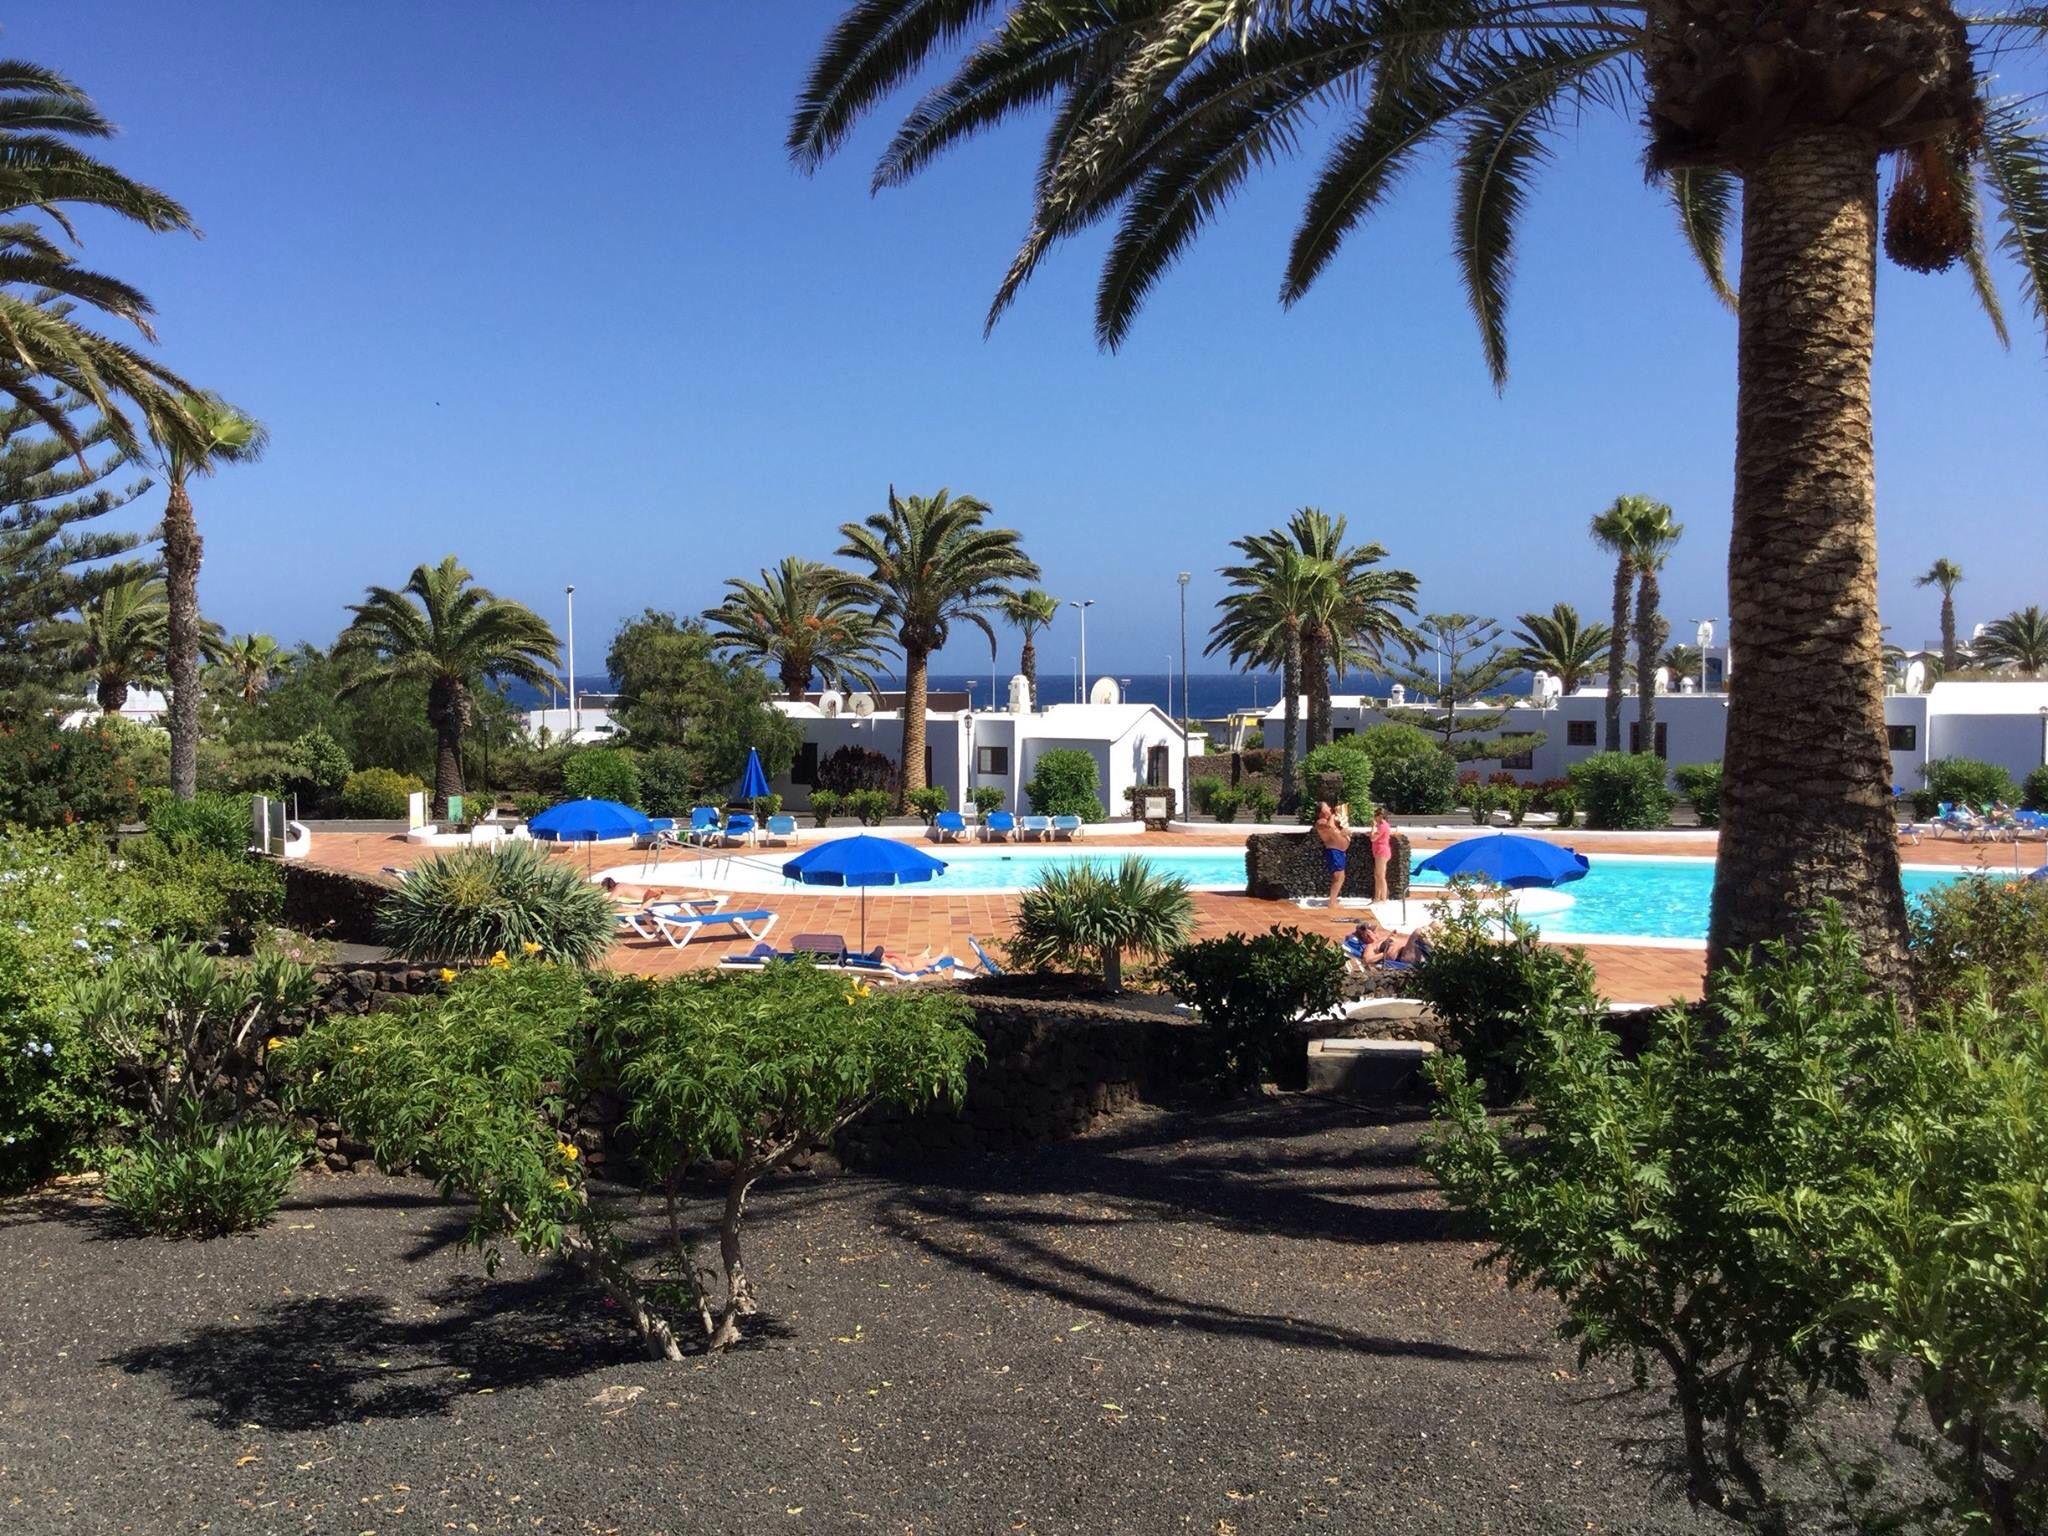 Casas del Sol Playa Blanca Lanzarote